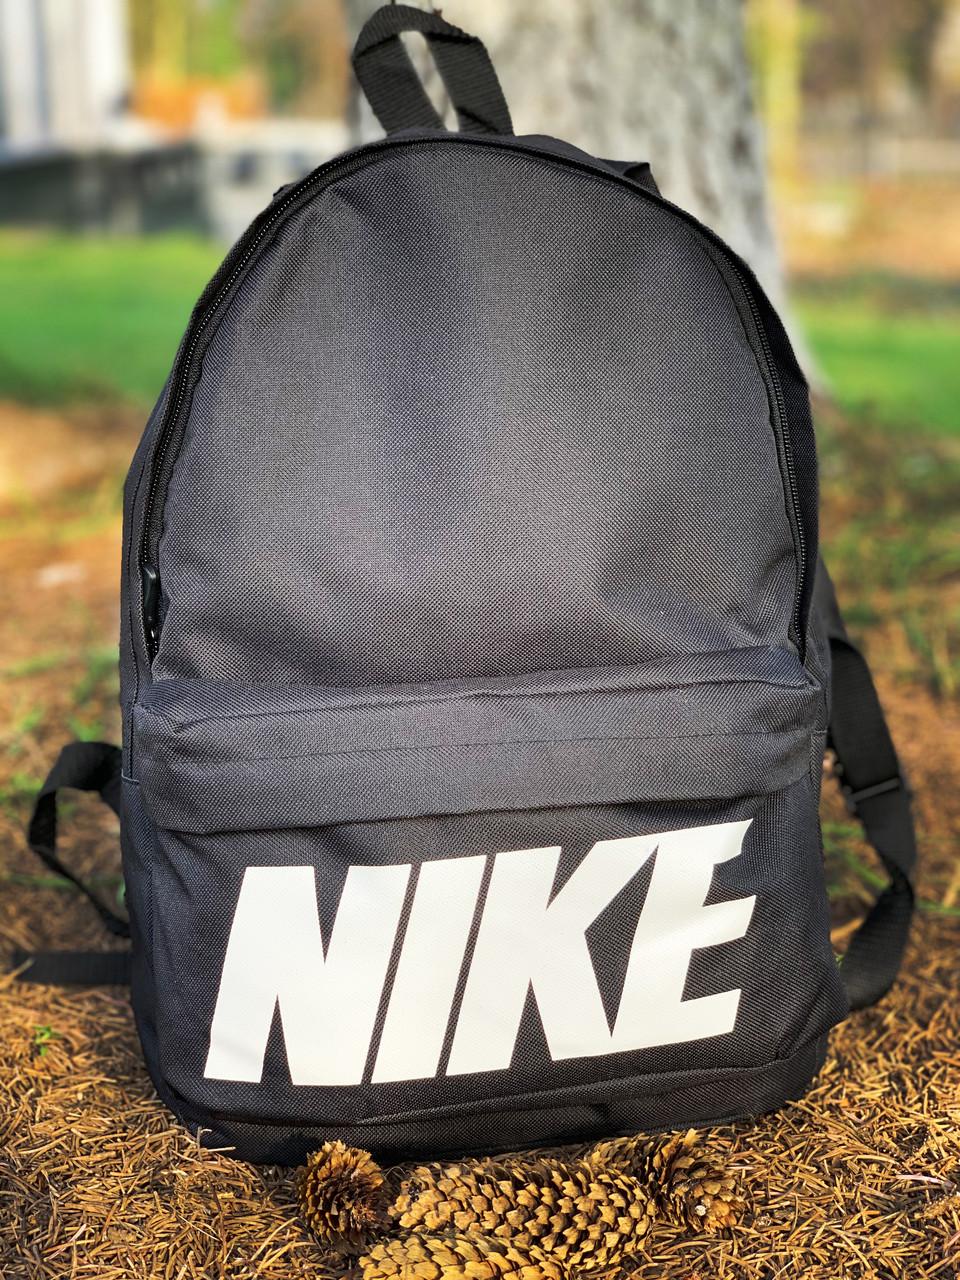 Рюкзак Nike стильный городской спортивный горный школьный мужской, женский